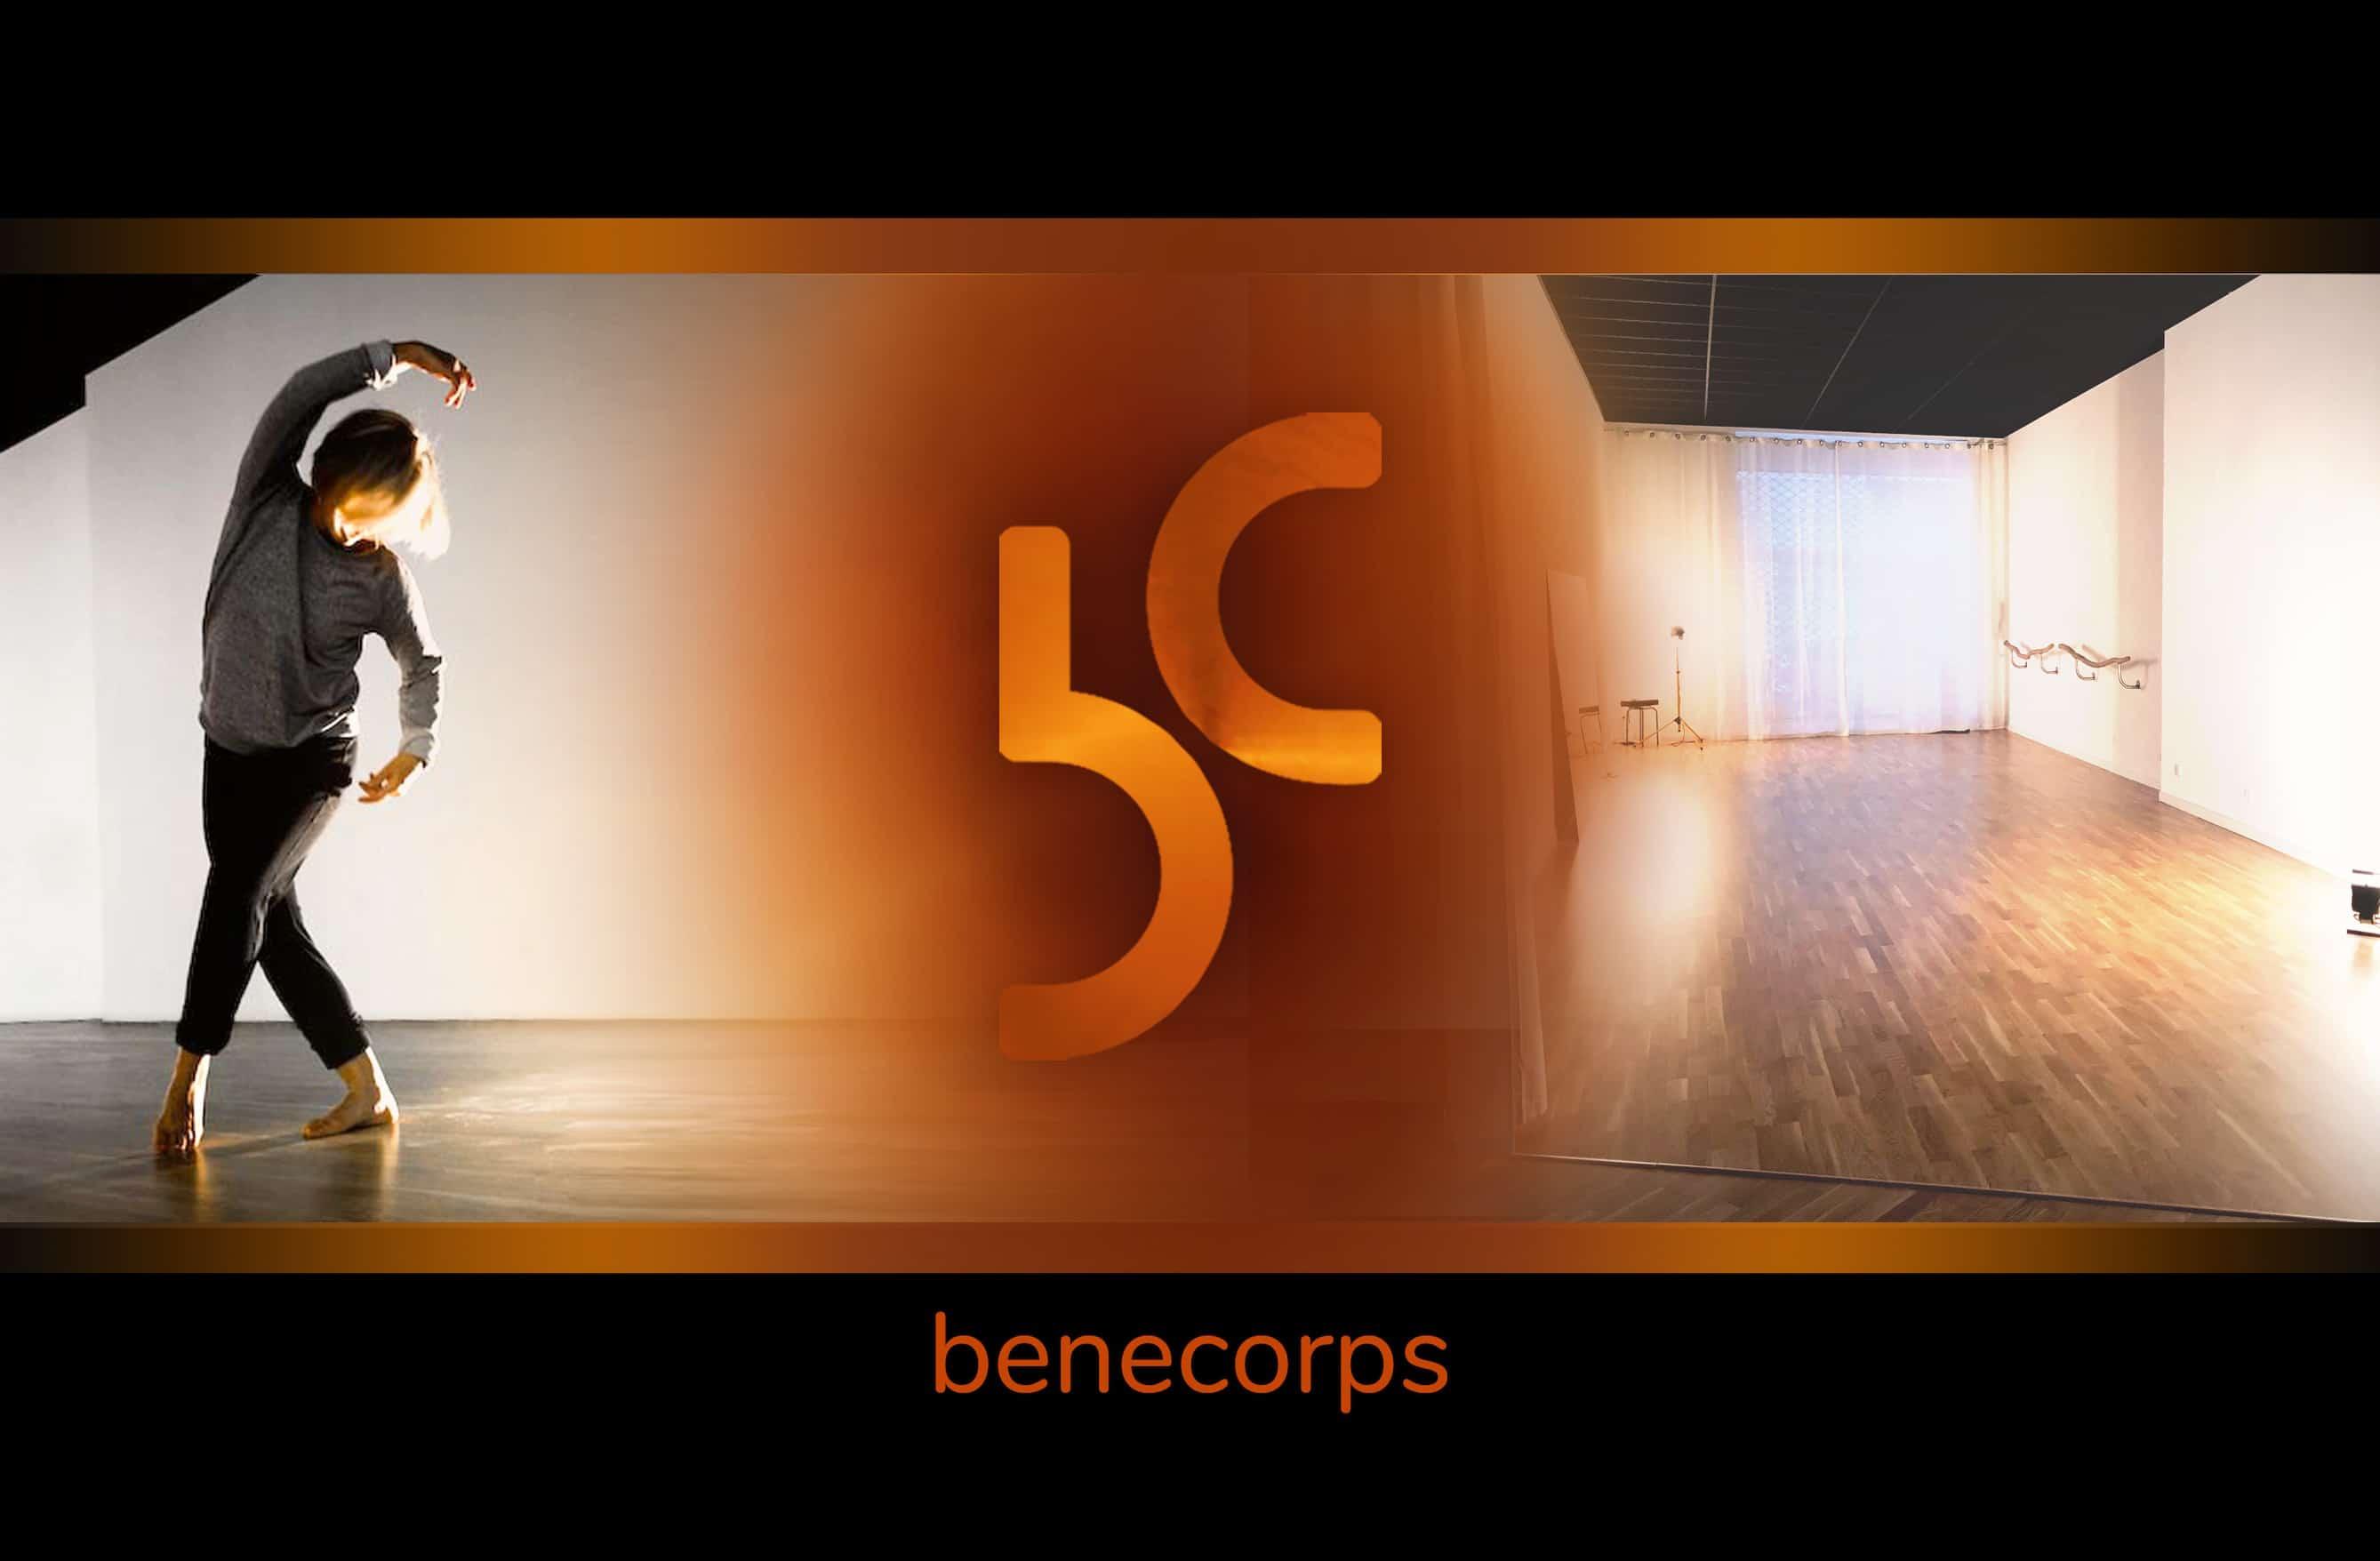 Accueil Benecorps, centre pluridisciplinaire. Ecole de Danse, Location de salles. Cours de pilates, yoga, fitness, arts martiaux, gym douce, biodanza